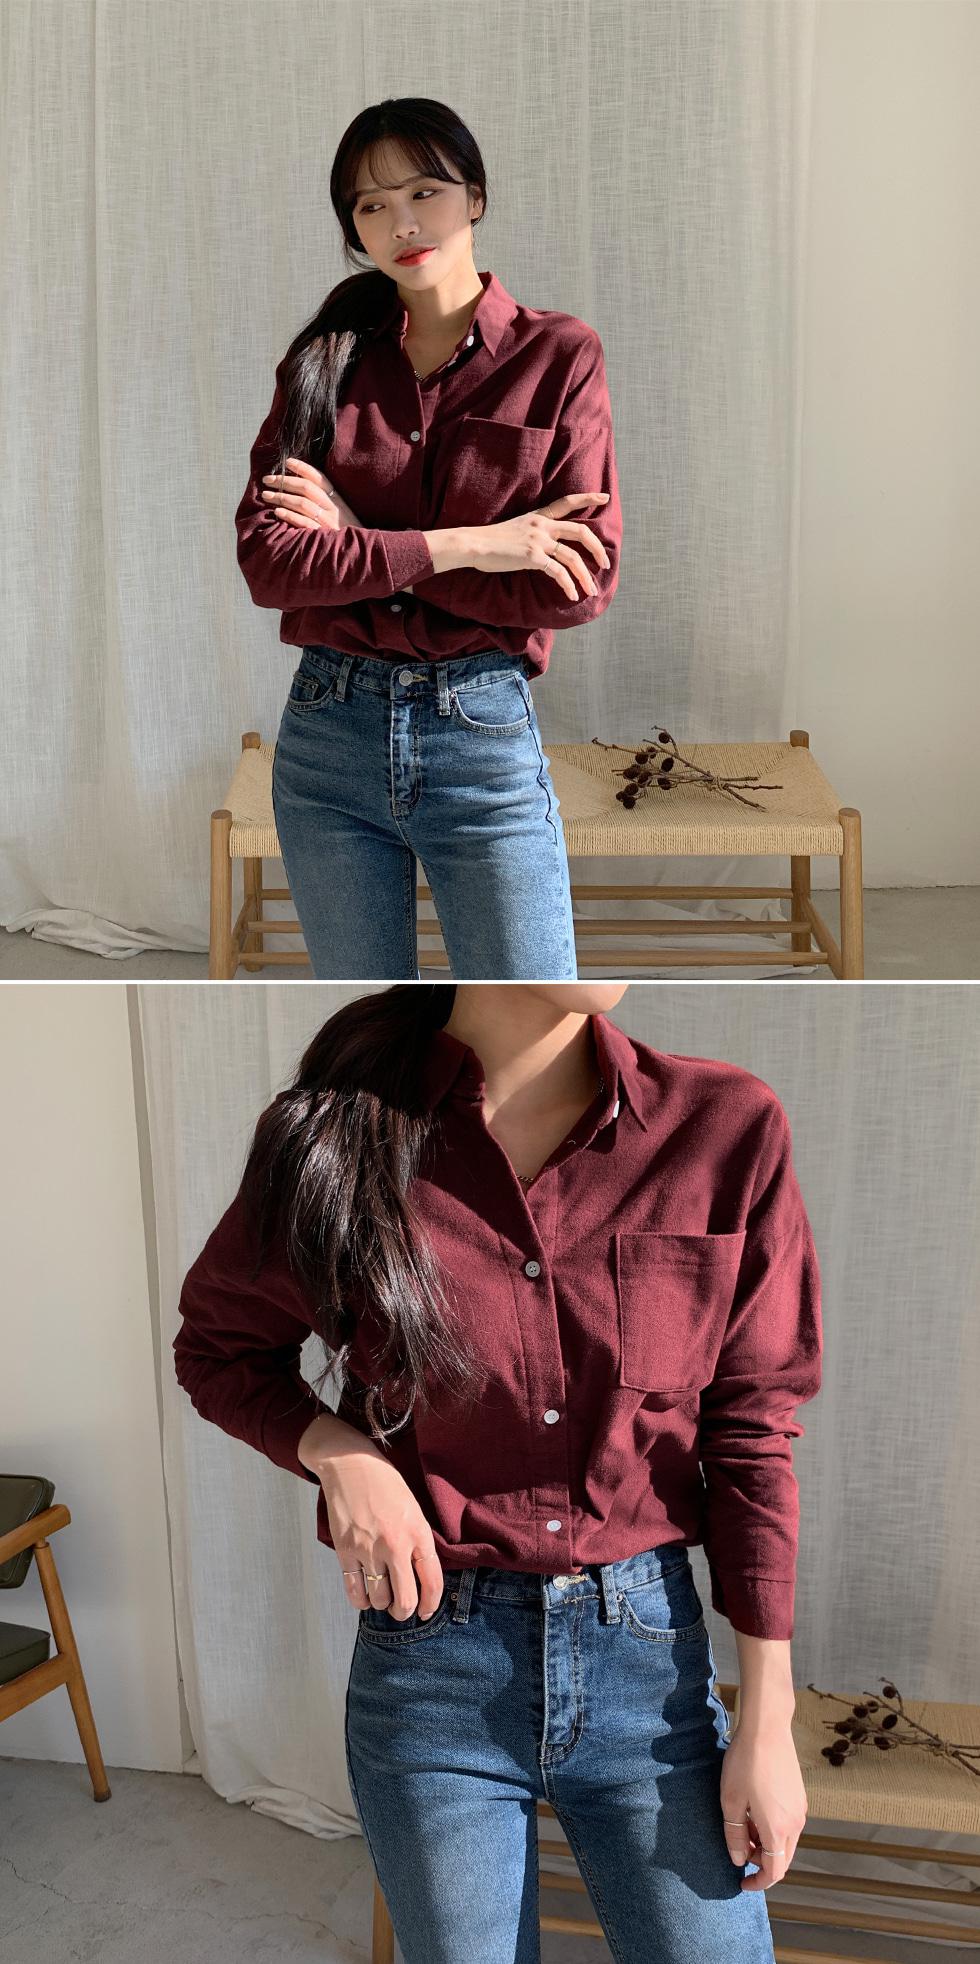 Clean Fleece-lined shirt